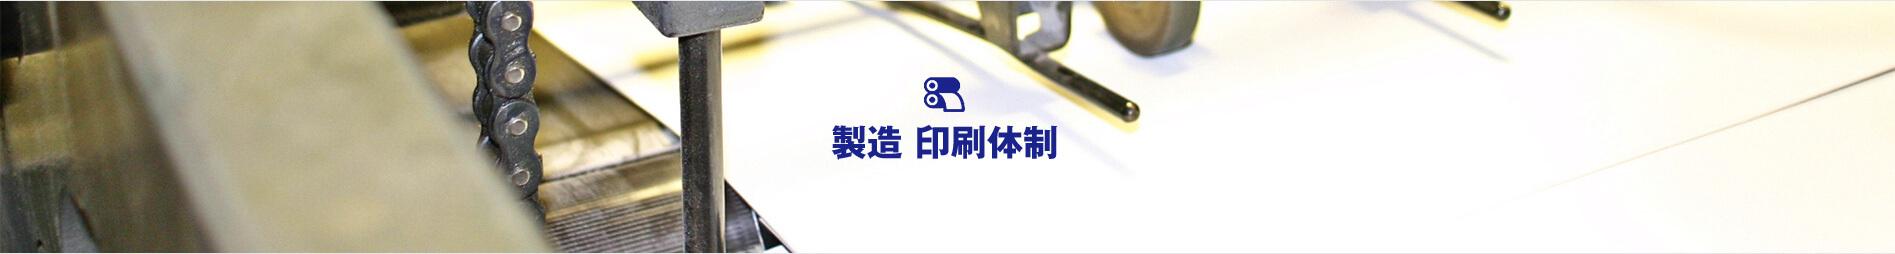 製造 印刷体制